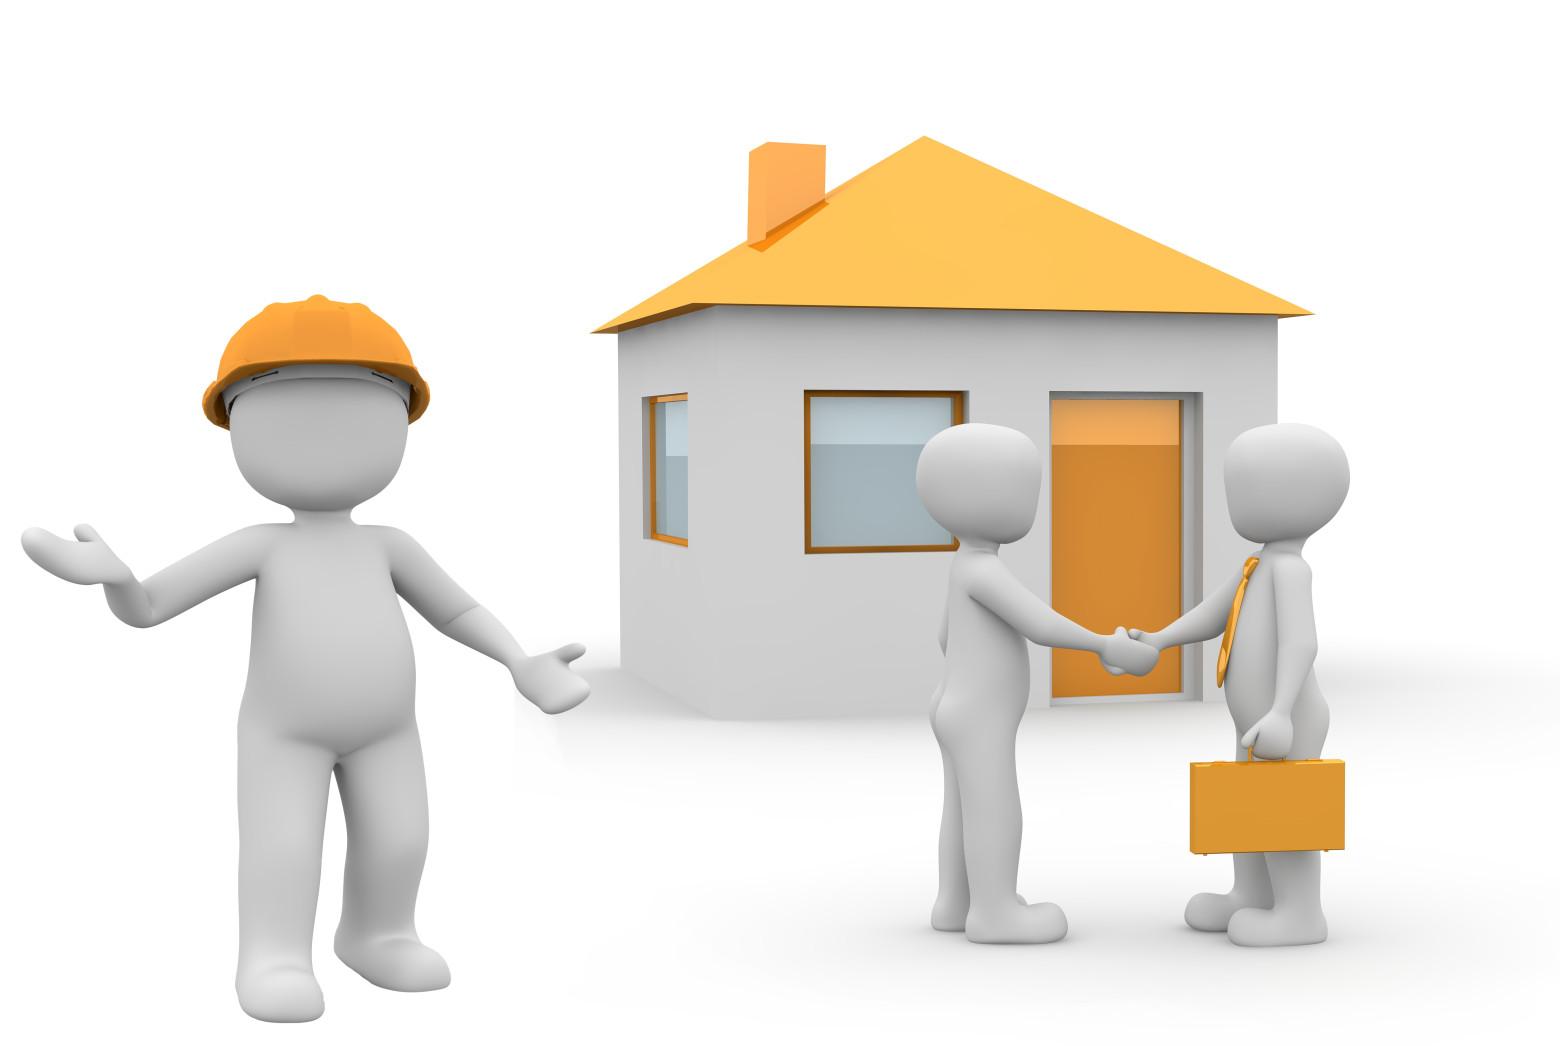 bonhomme blanc 3d maison n u00e9gociant immobilier achat vente images gratuites